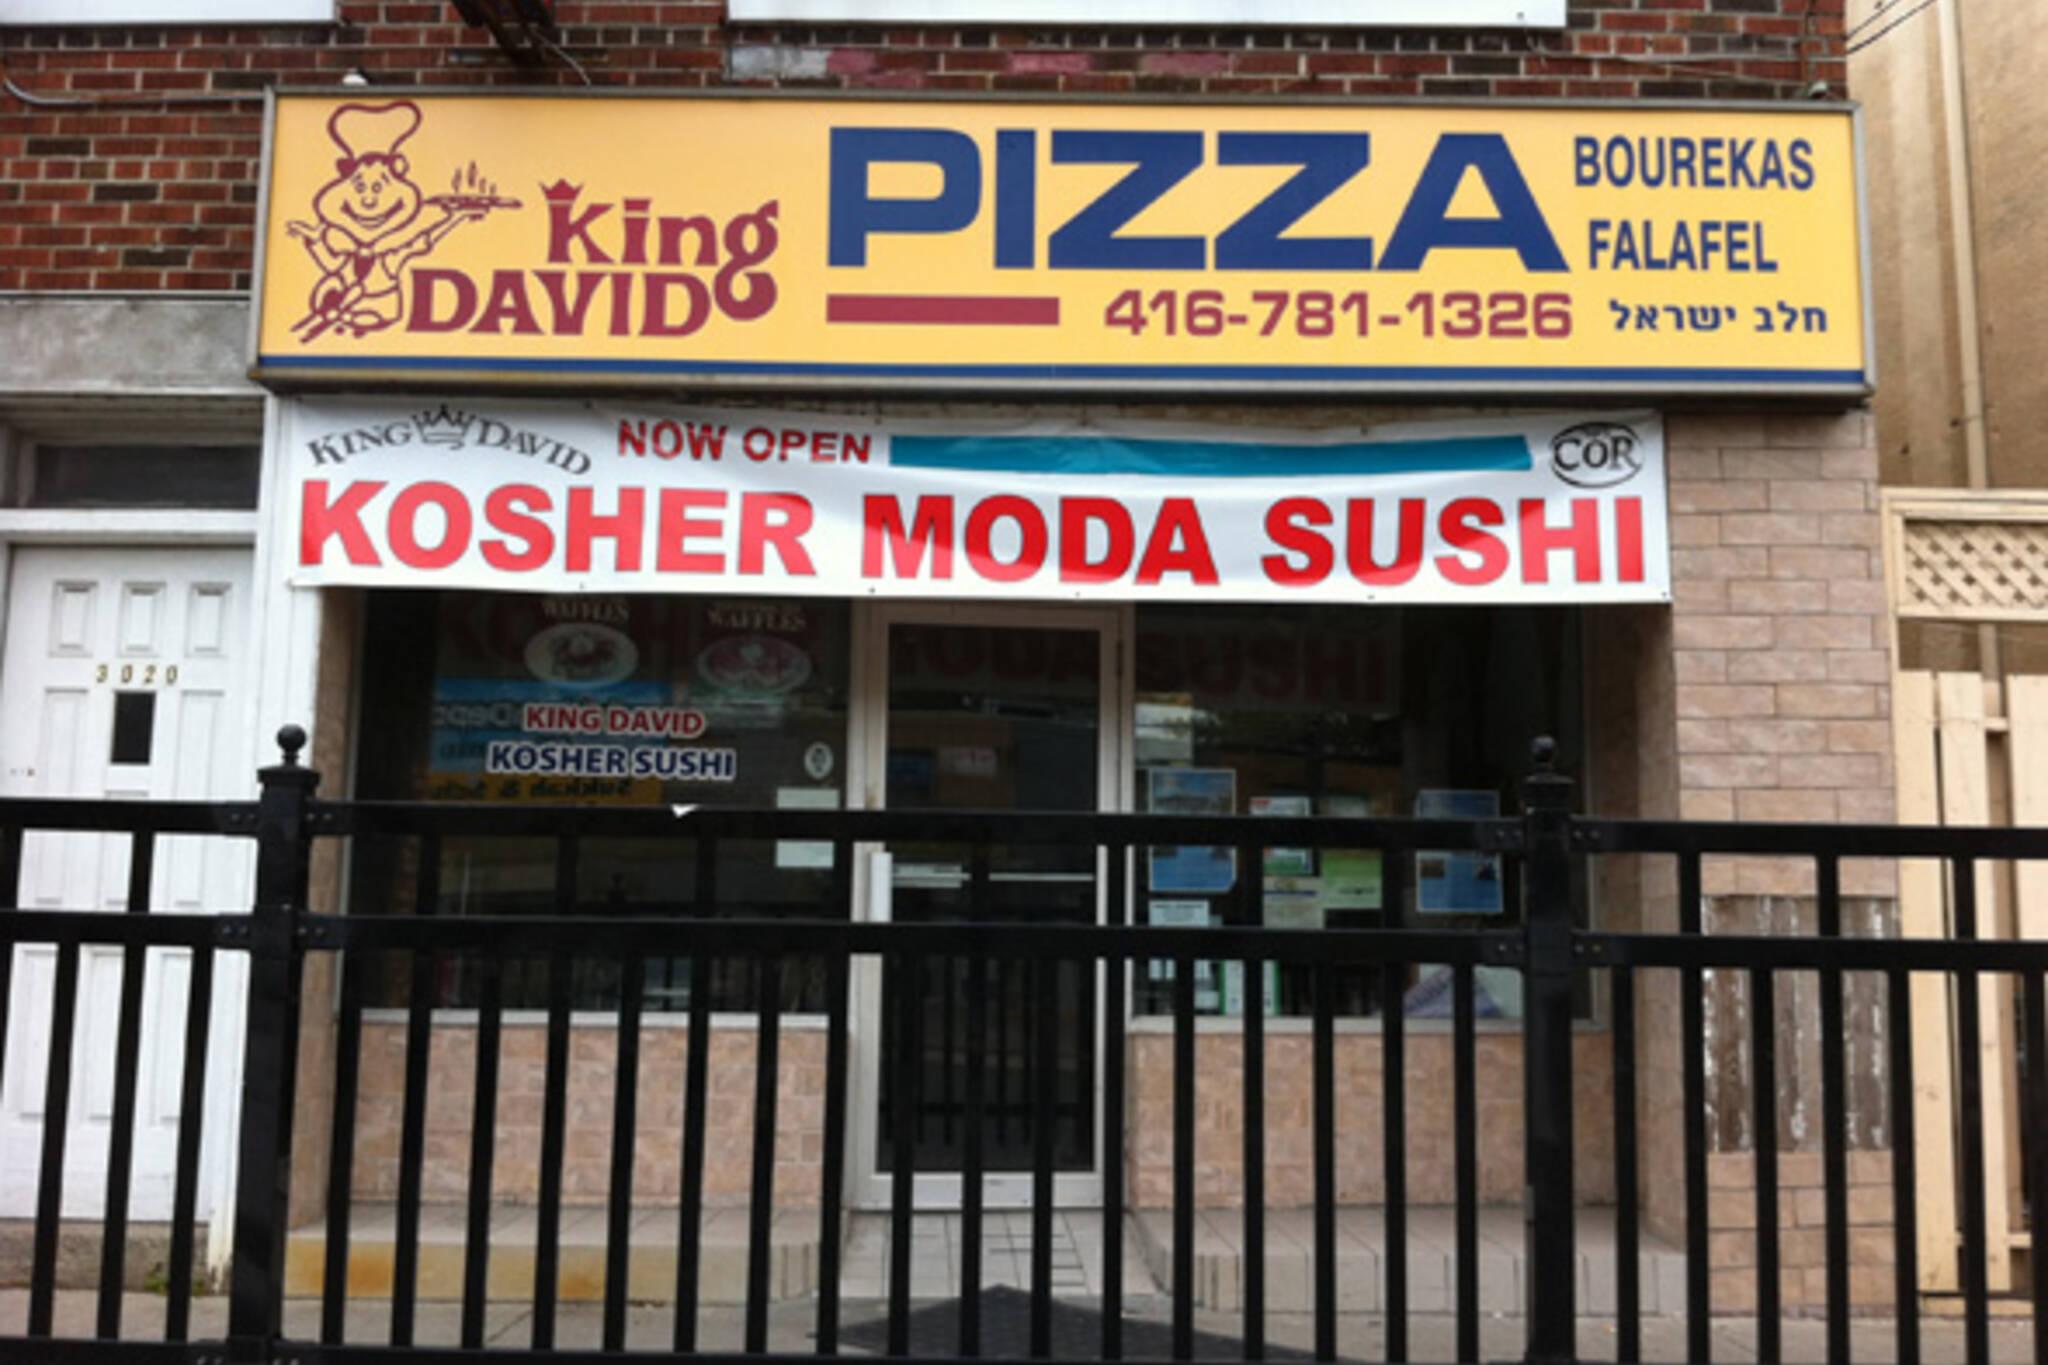 Moda Sushi